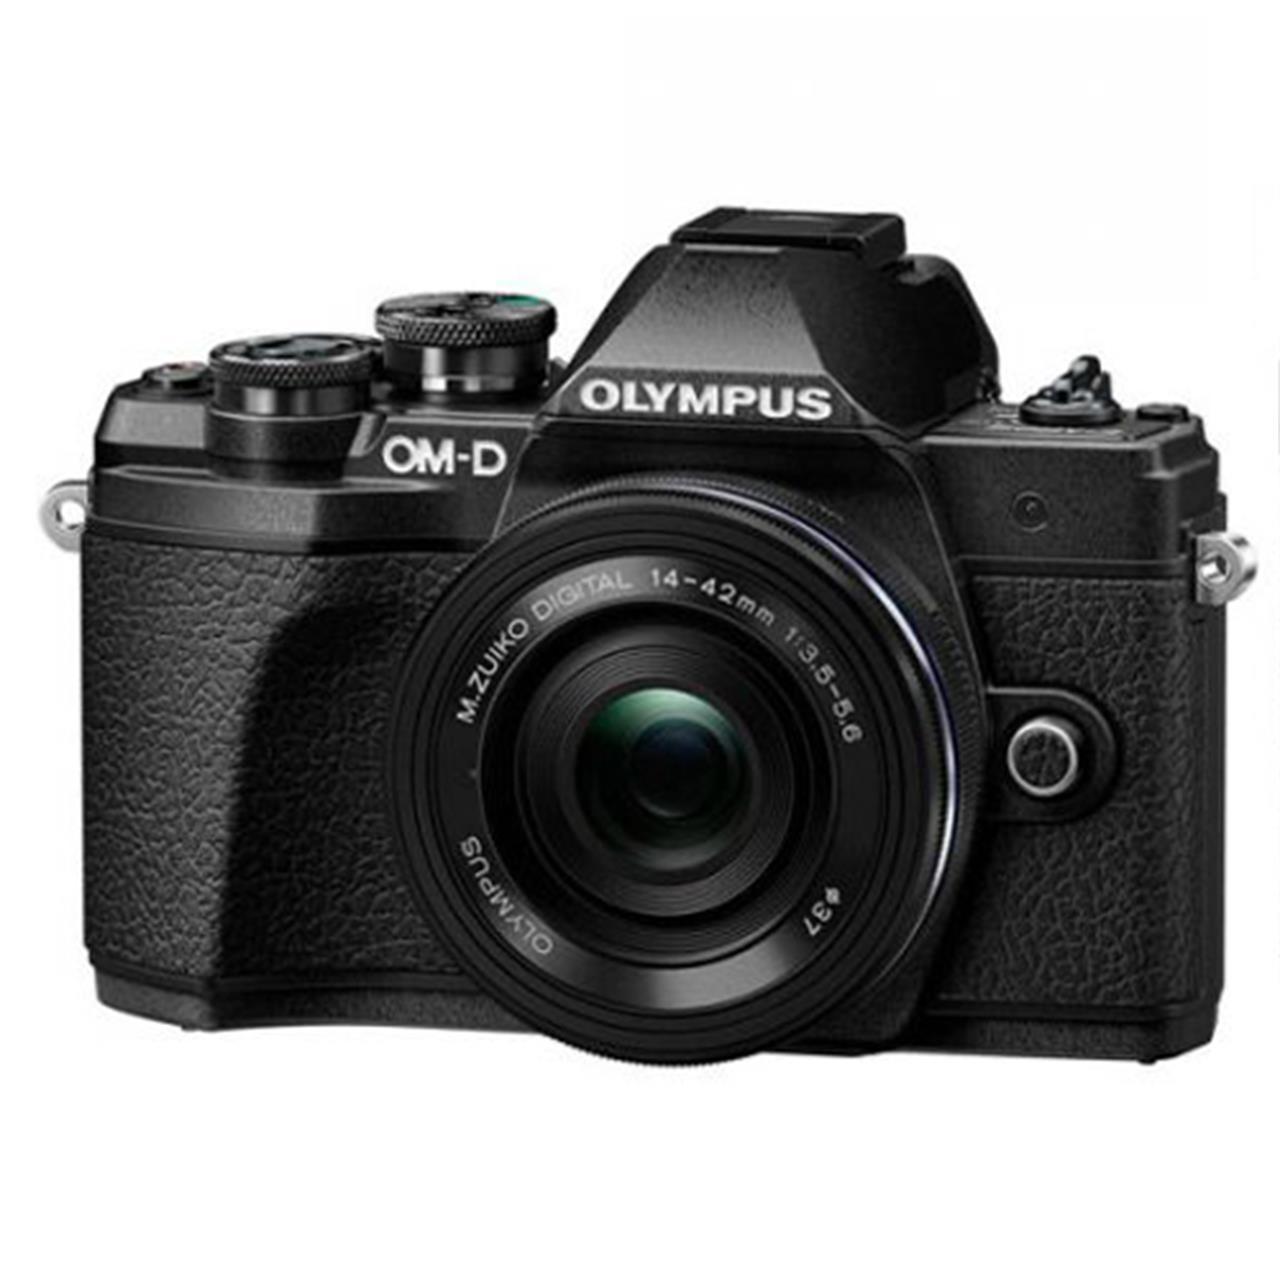 4545350051358__olympus-om-d-em-10-iii-14-42mm_zwart.jpg